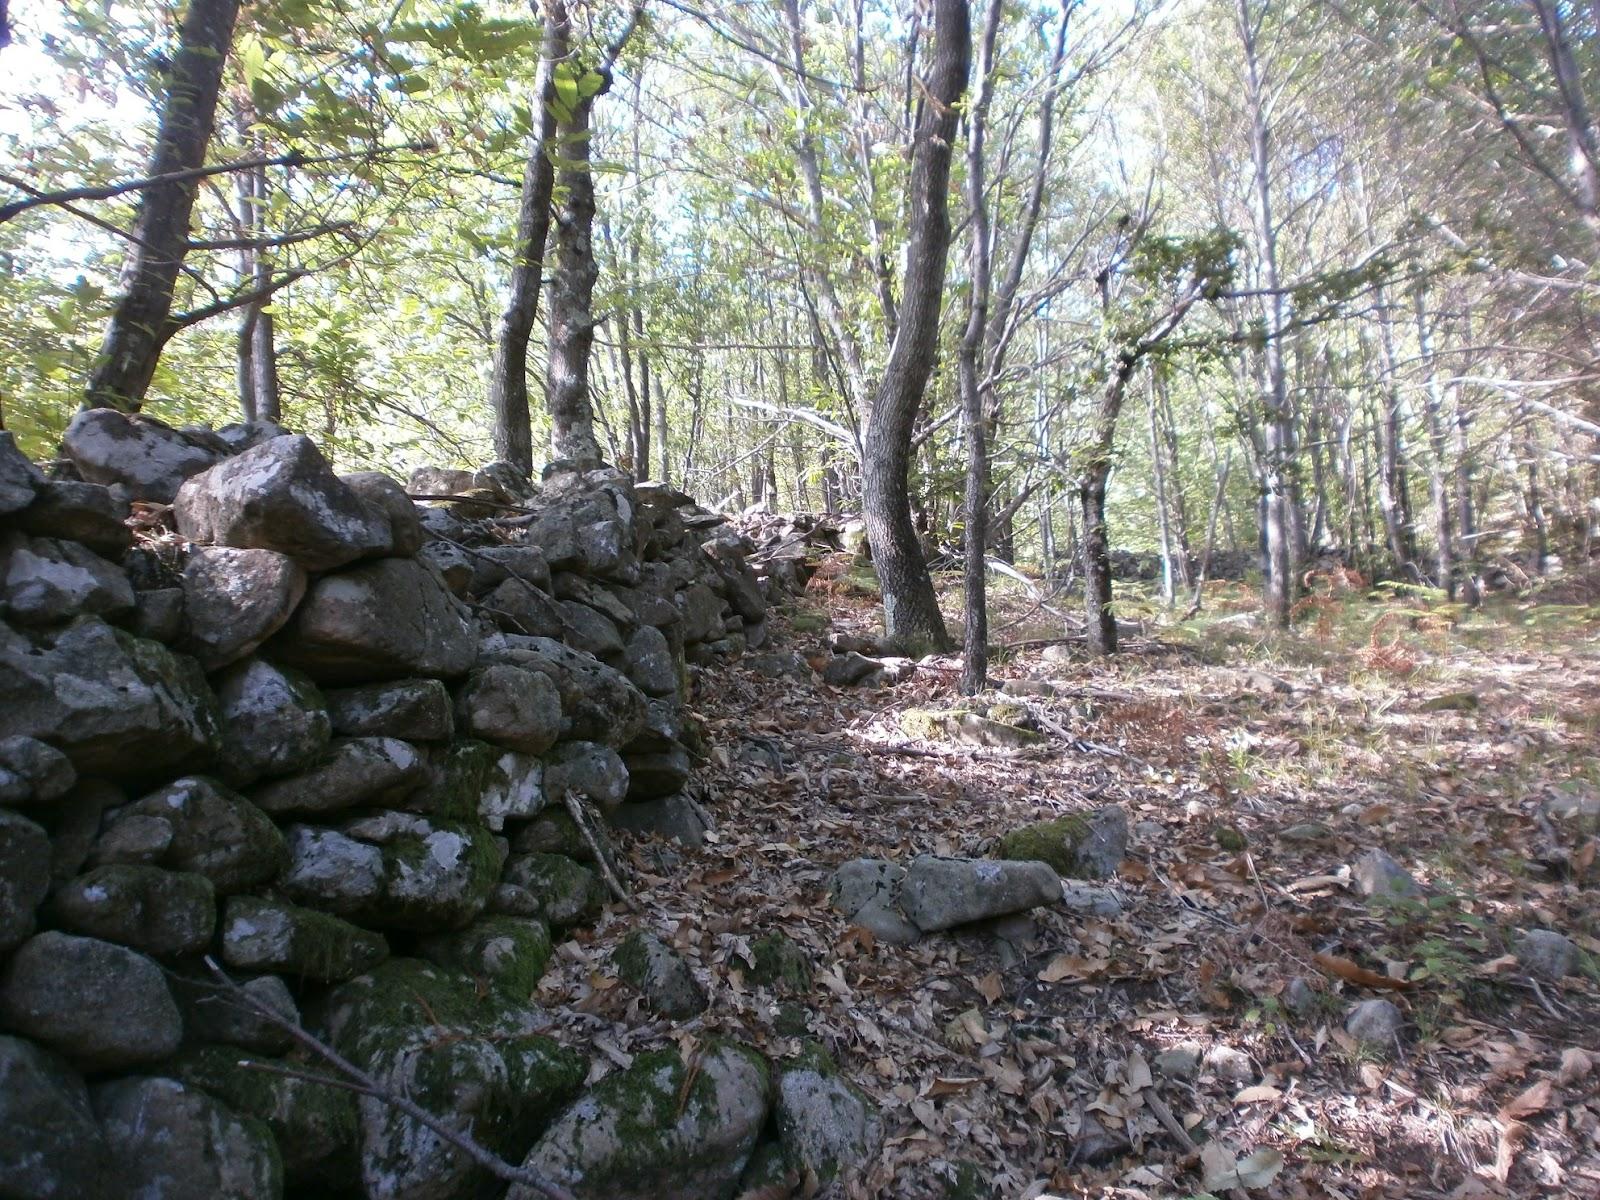 Appennino terra di frontiera nei boschi for Nei progetti domestici di terra